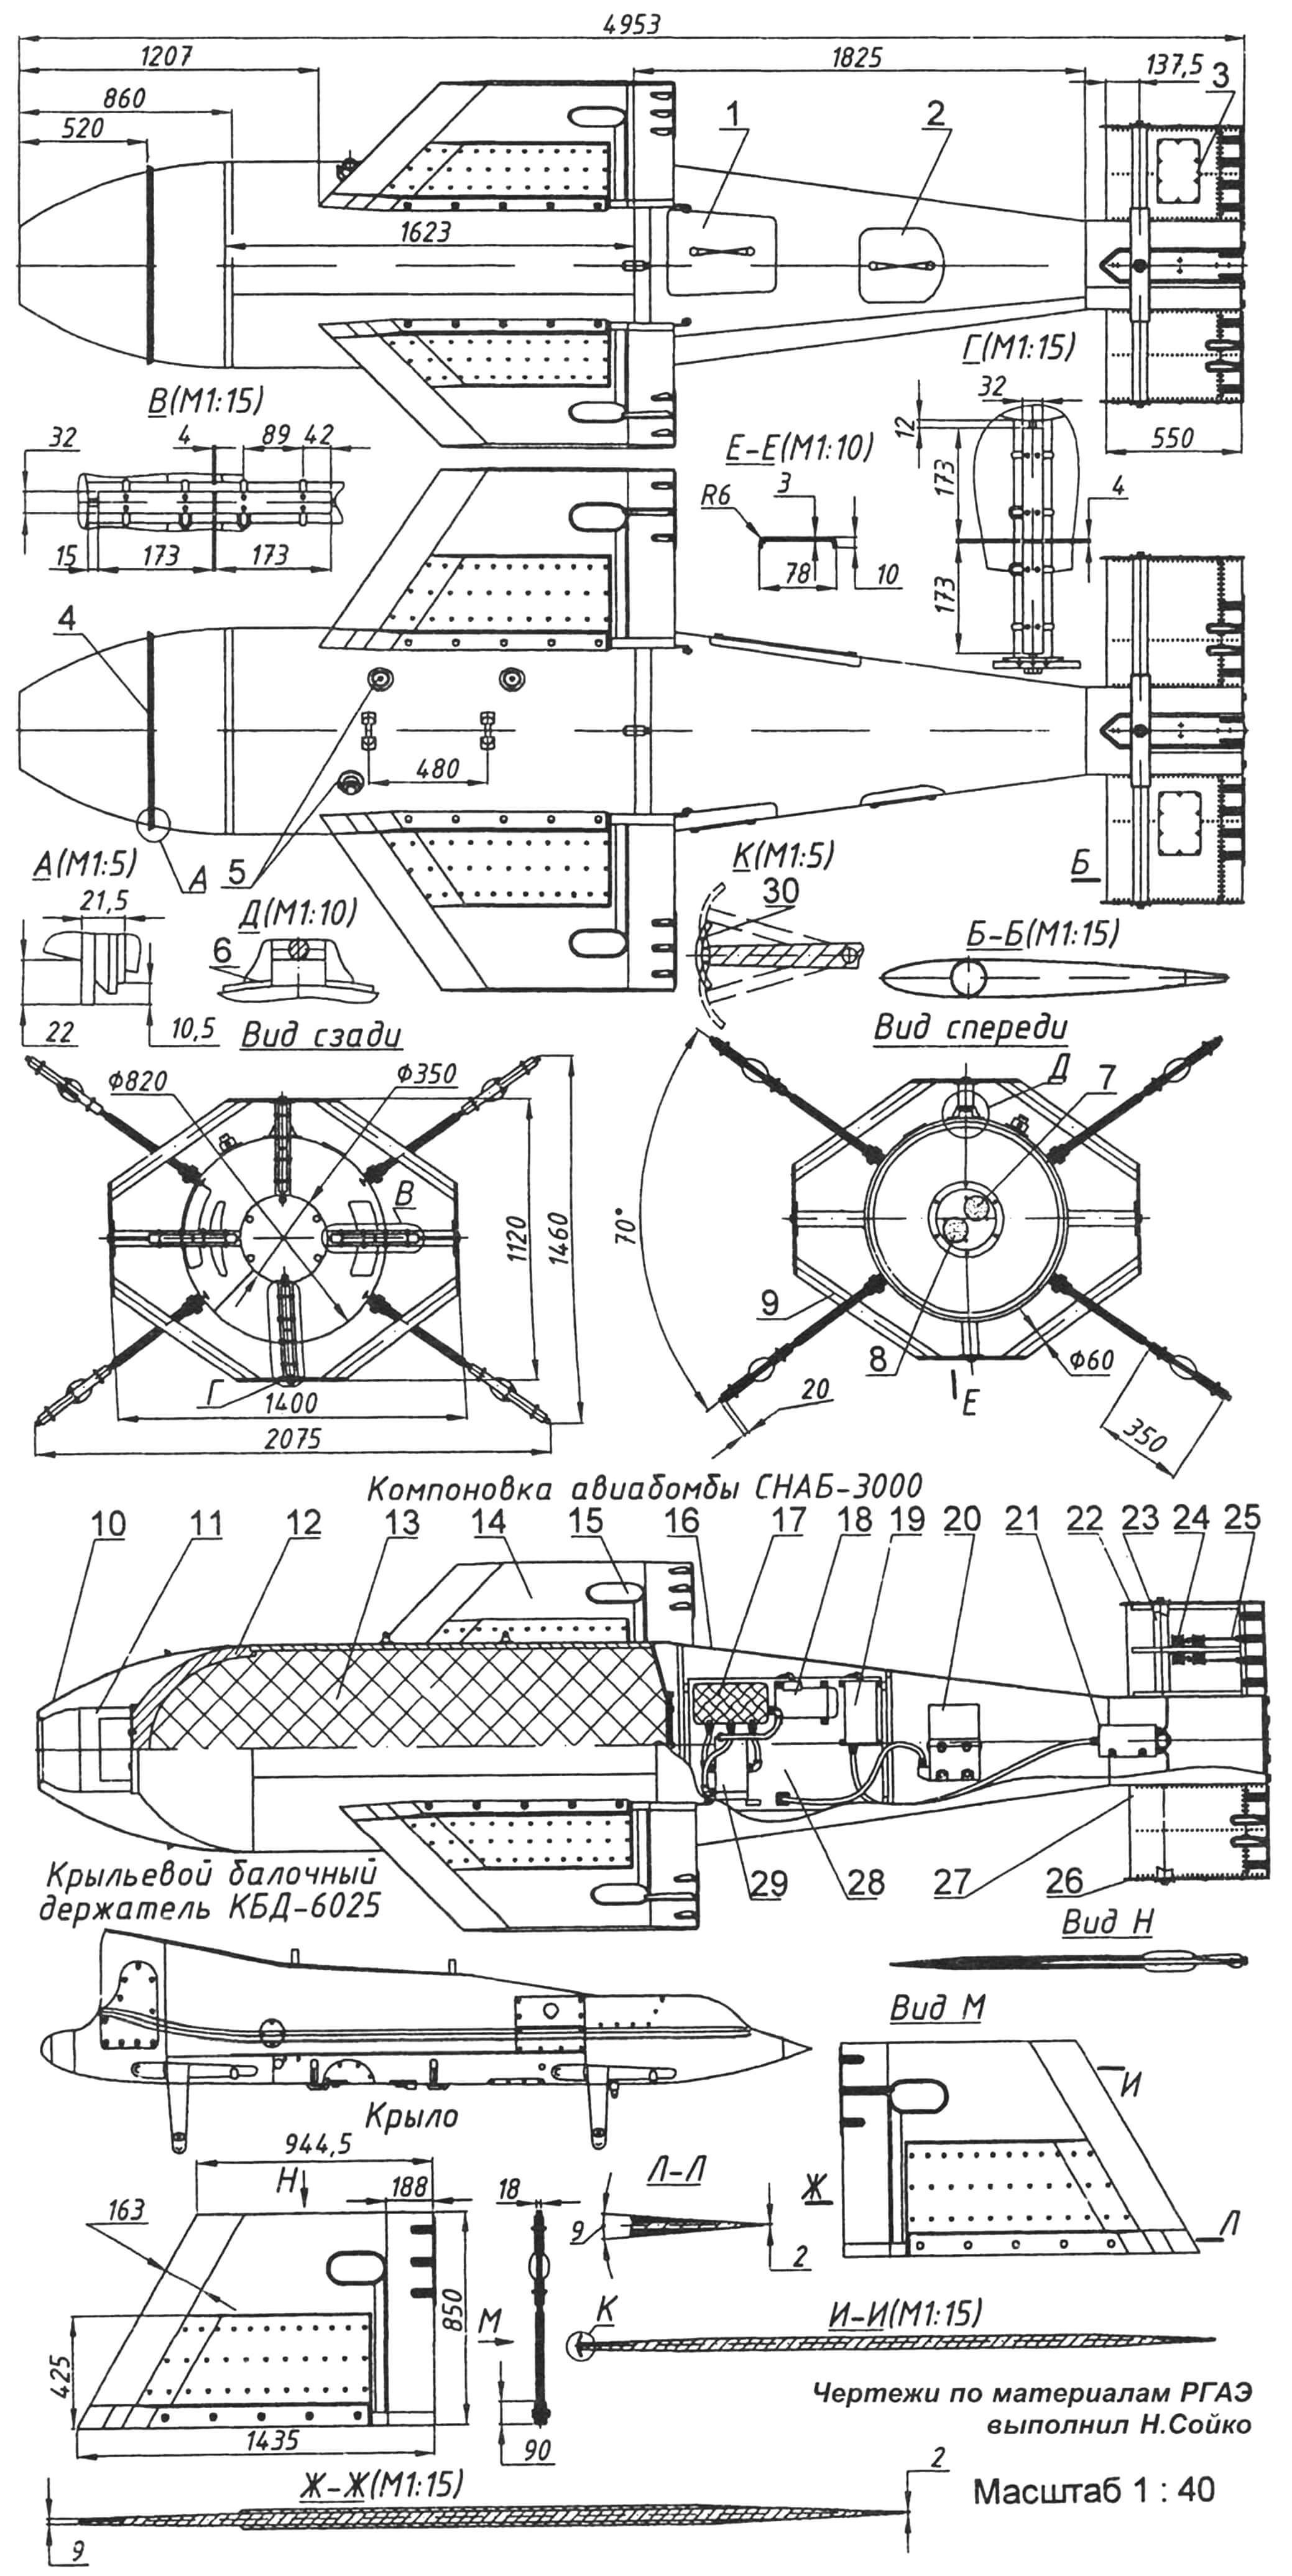 Самонаводящан авиабомба СНАБ-3000 «Краб»: